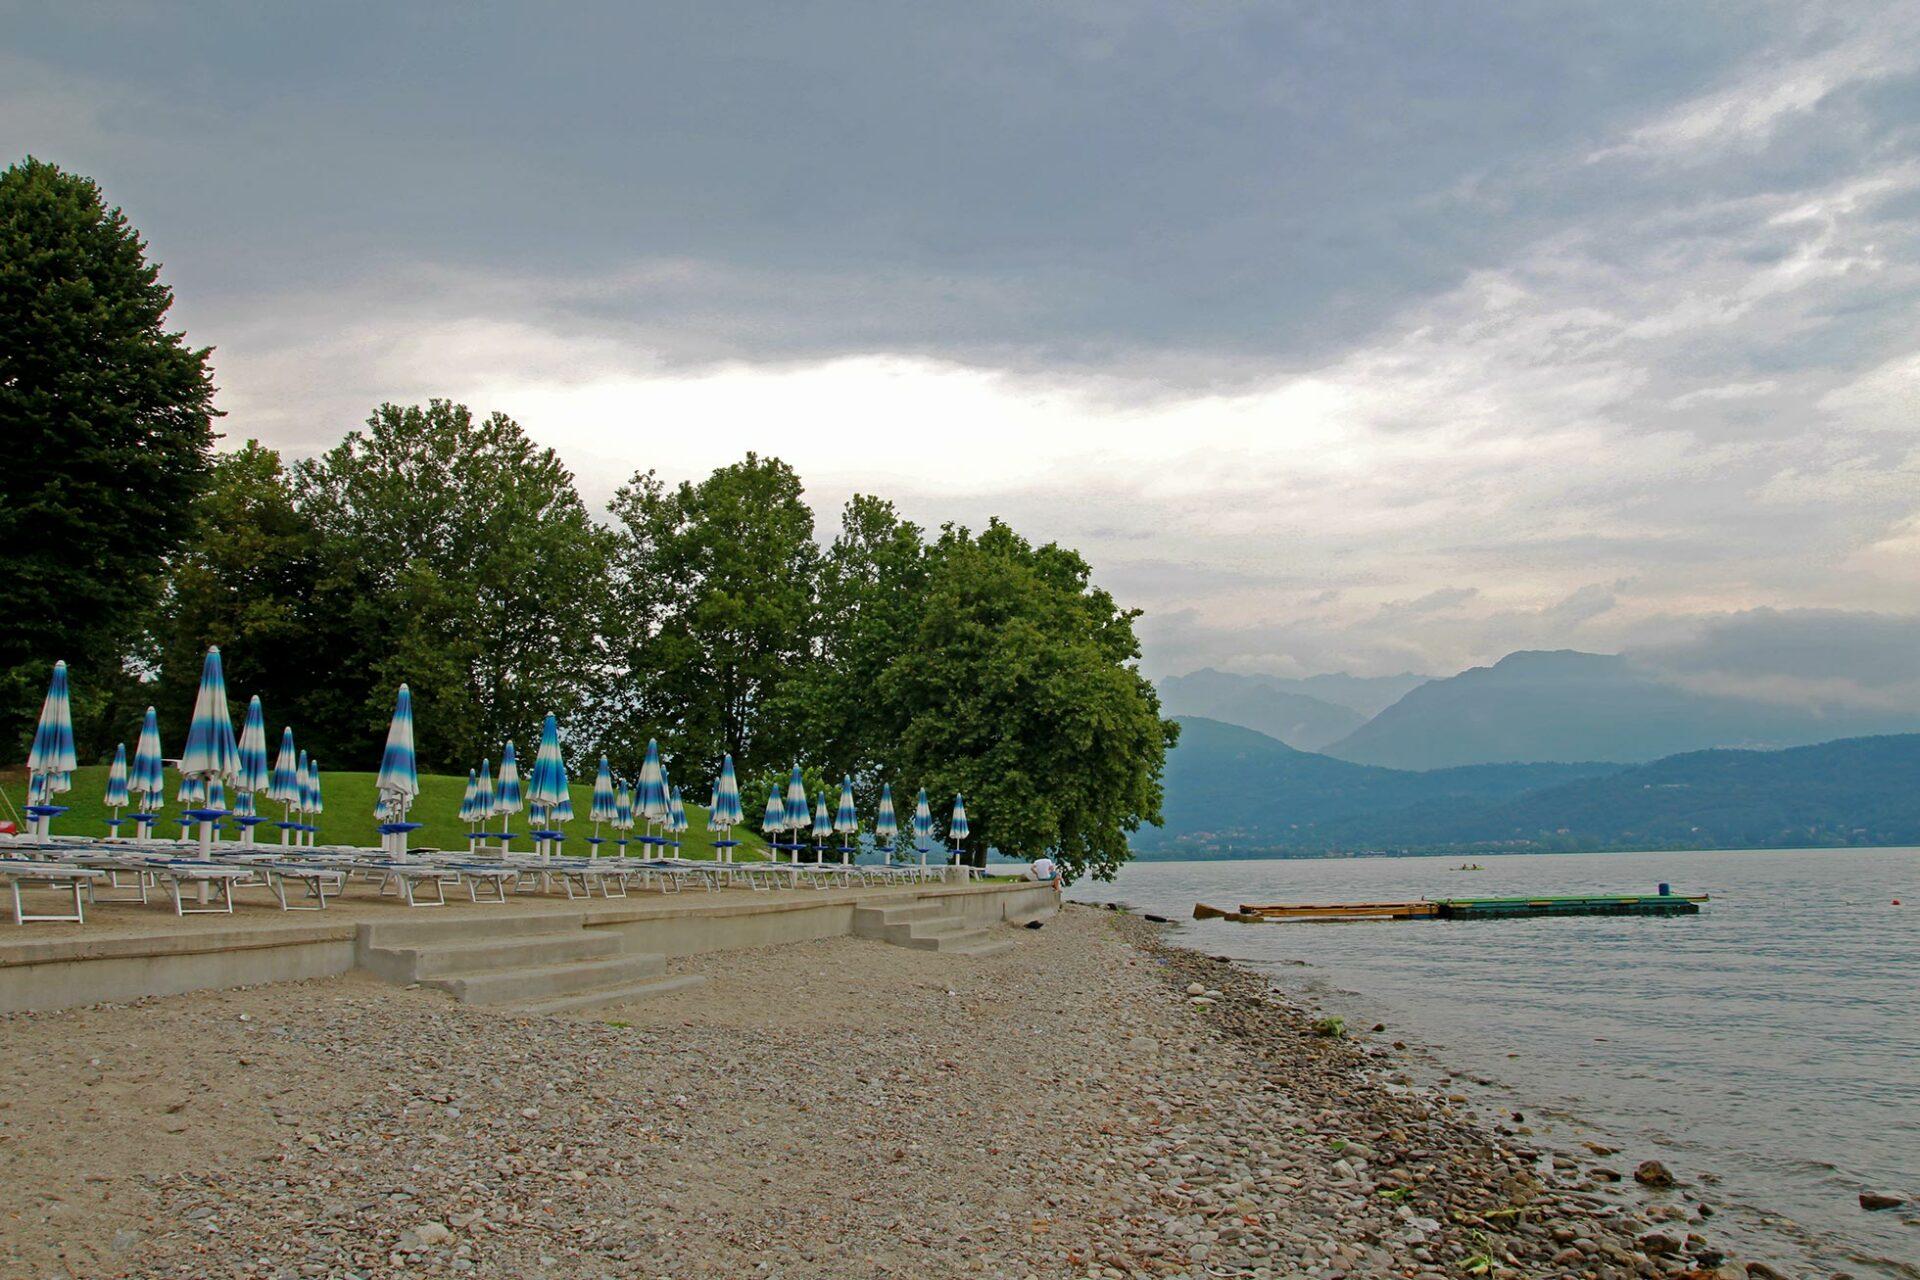 Baden im Lago Maggiore: Luft- und Wassertemperatur lagen ungefähr gleichauf